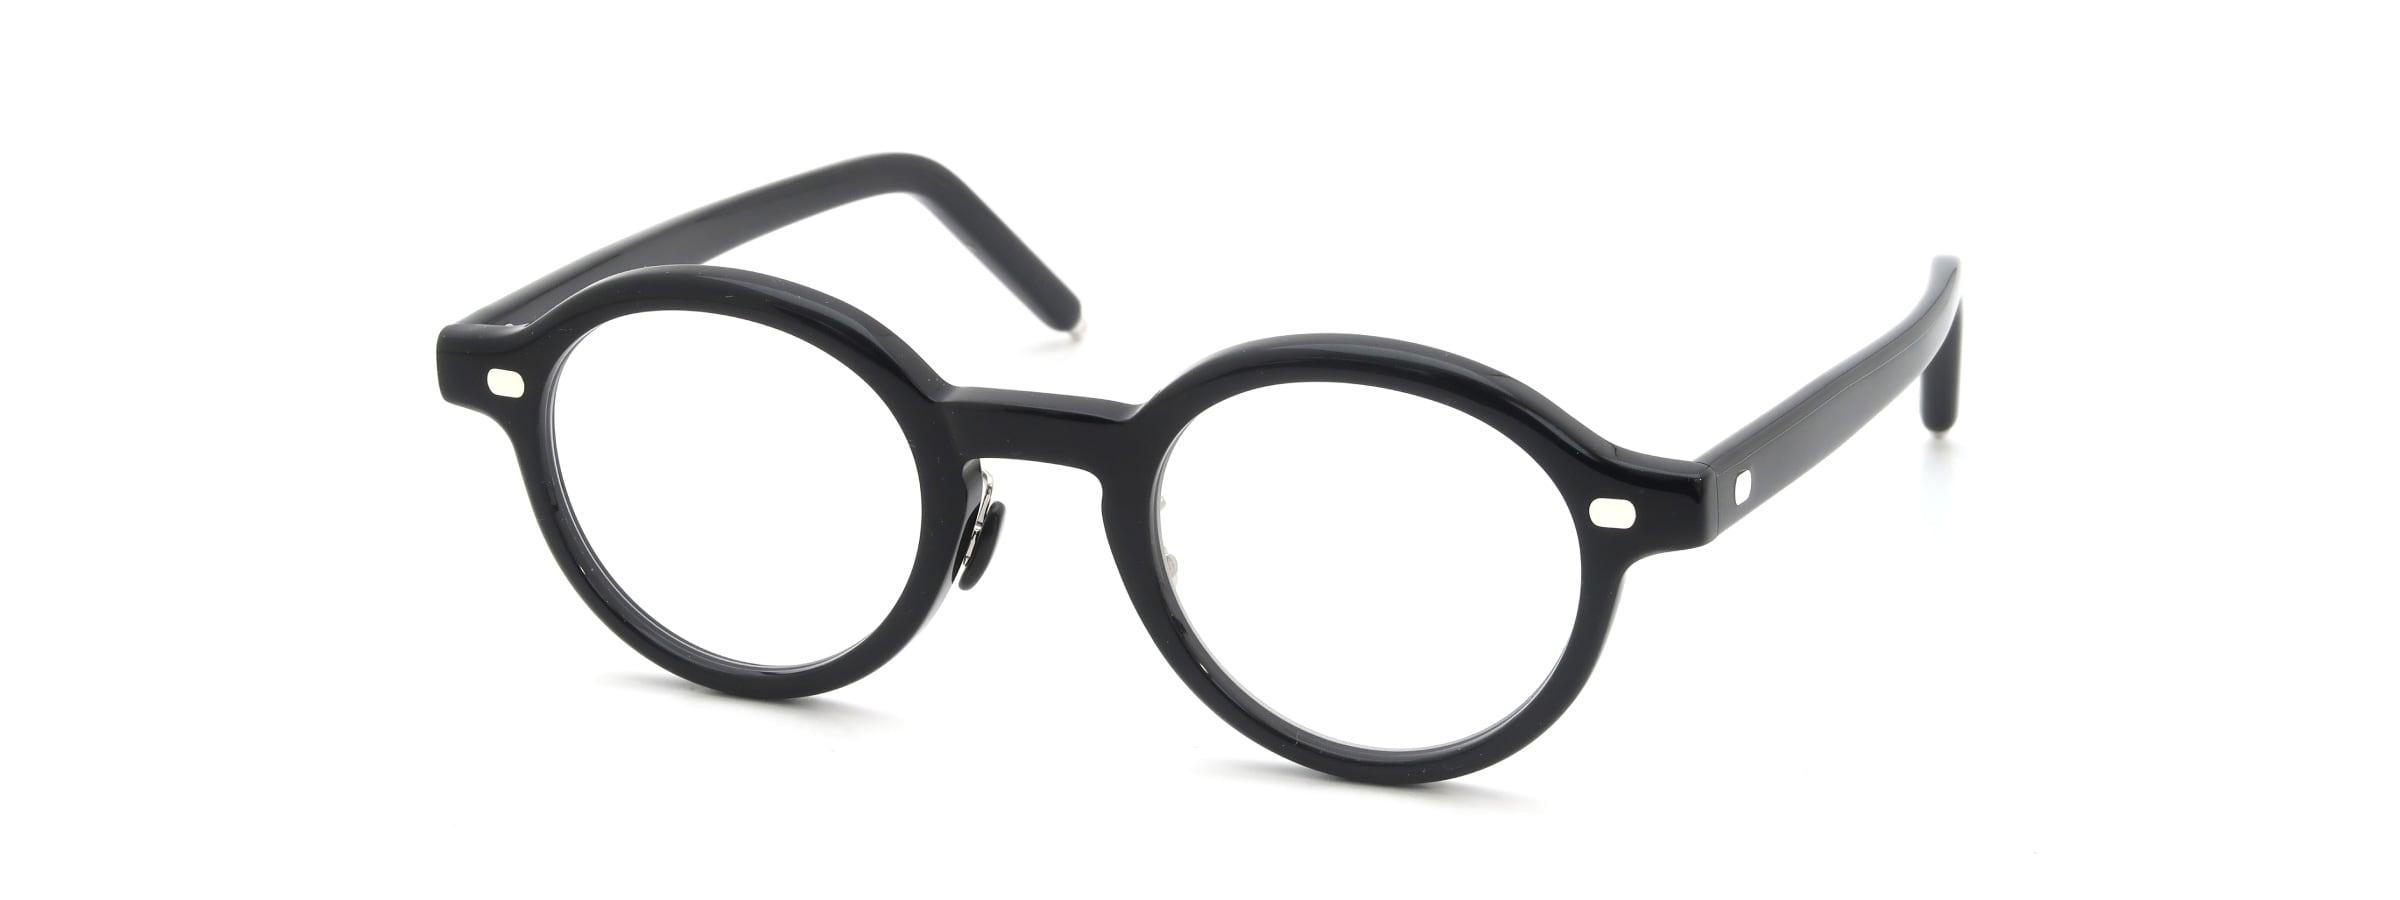 10 eyevan NO.5 Ⅲ FR 44size c.1002S Black全体像